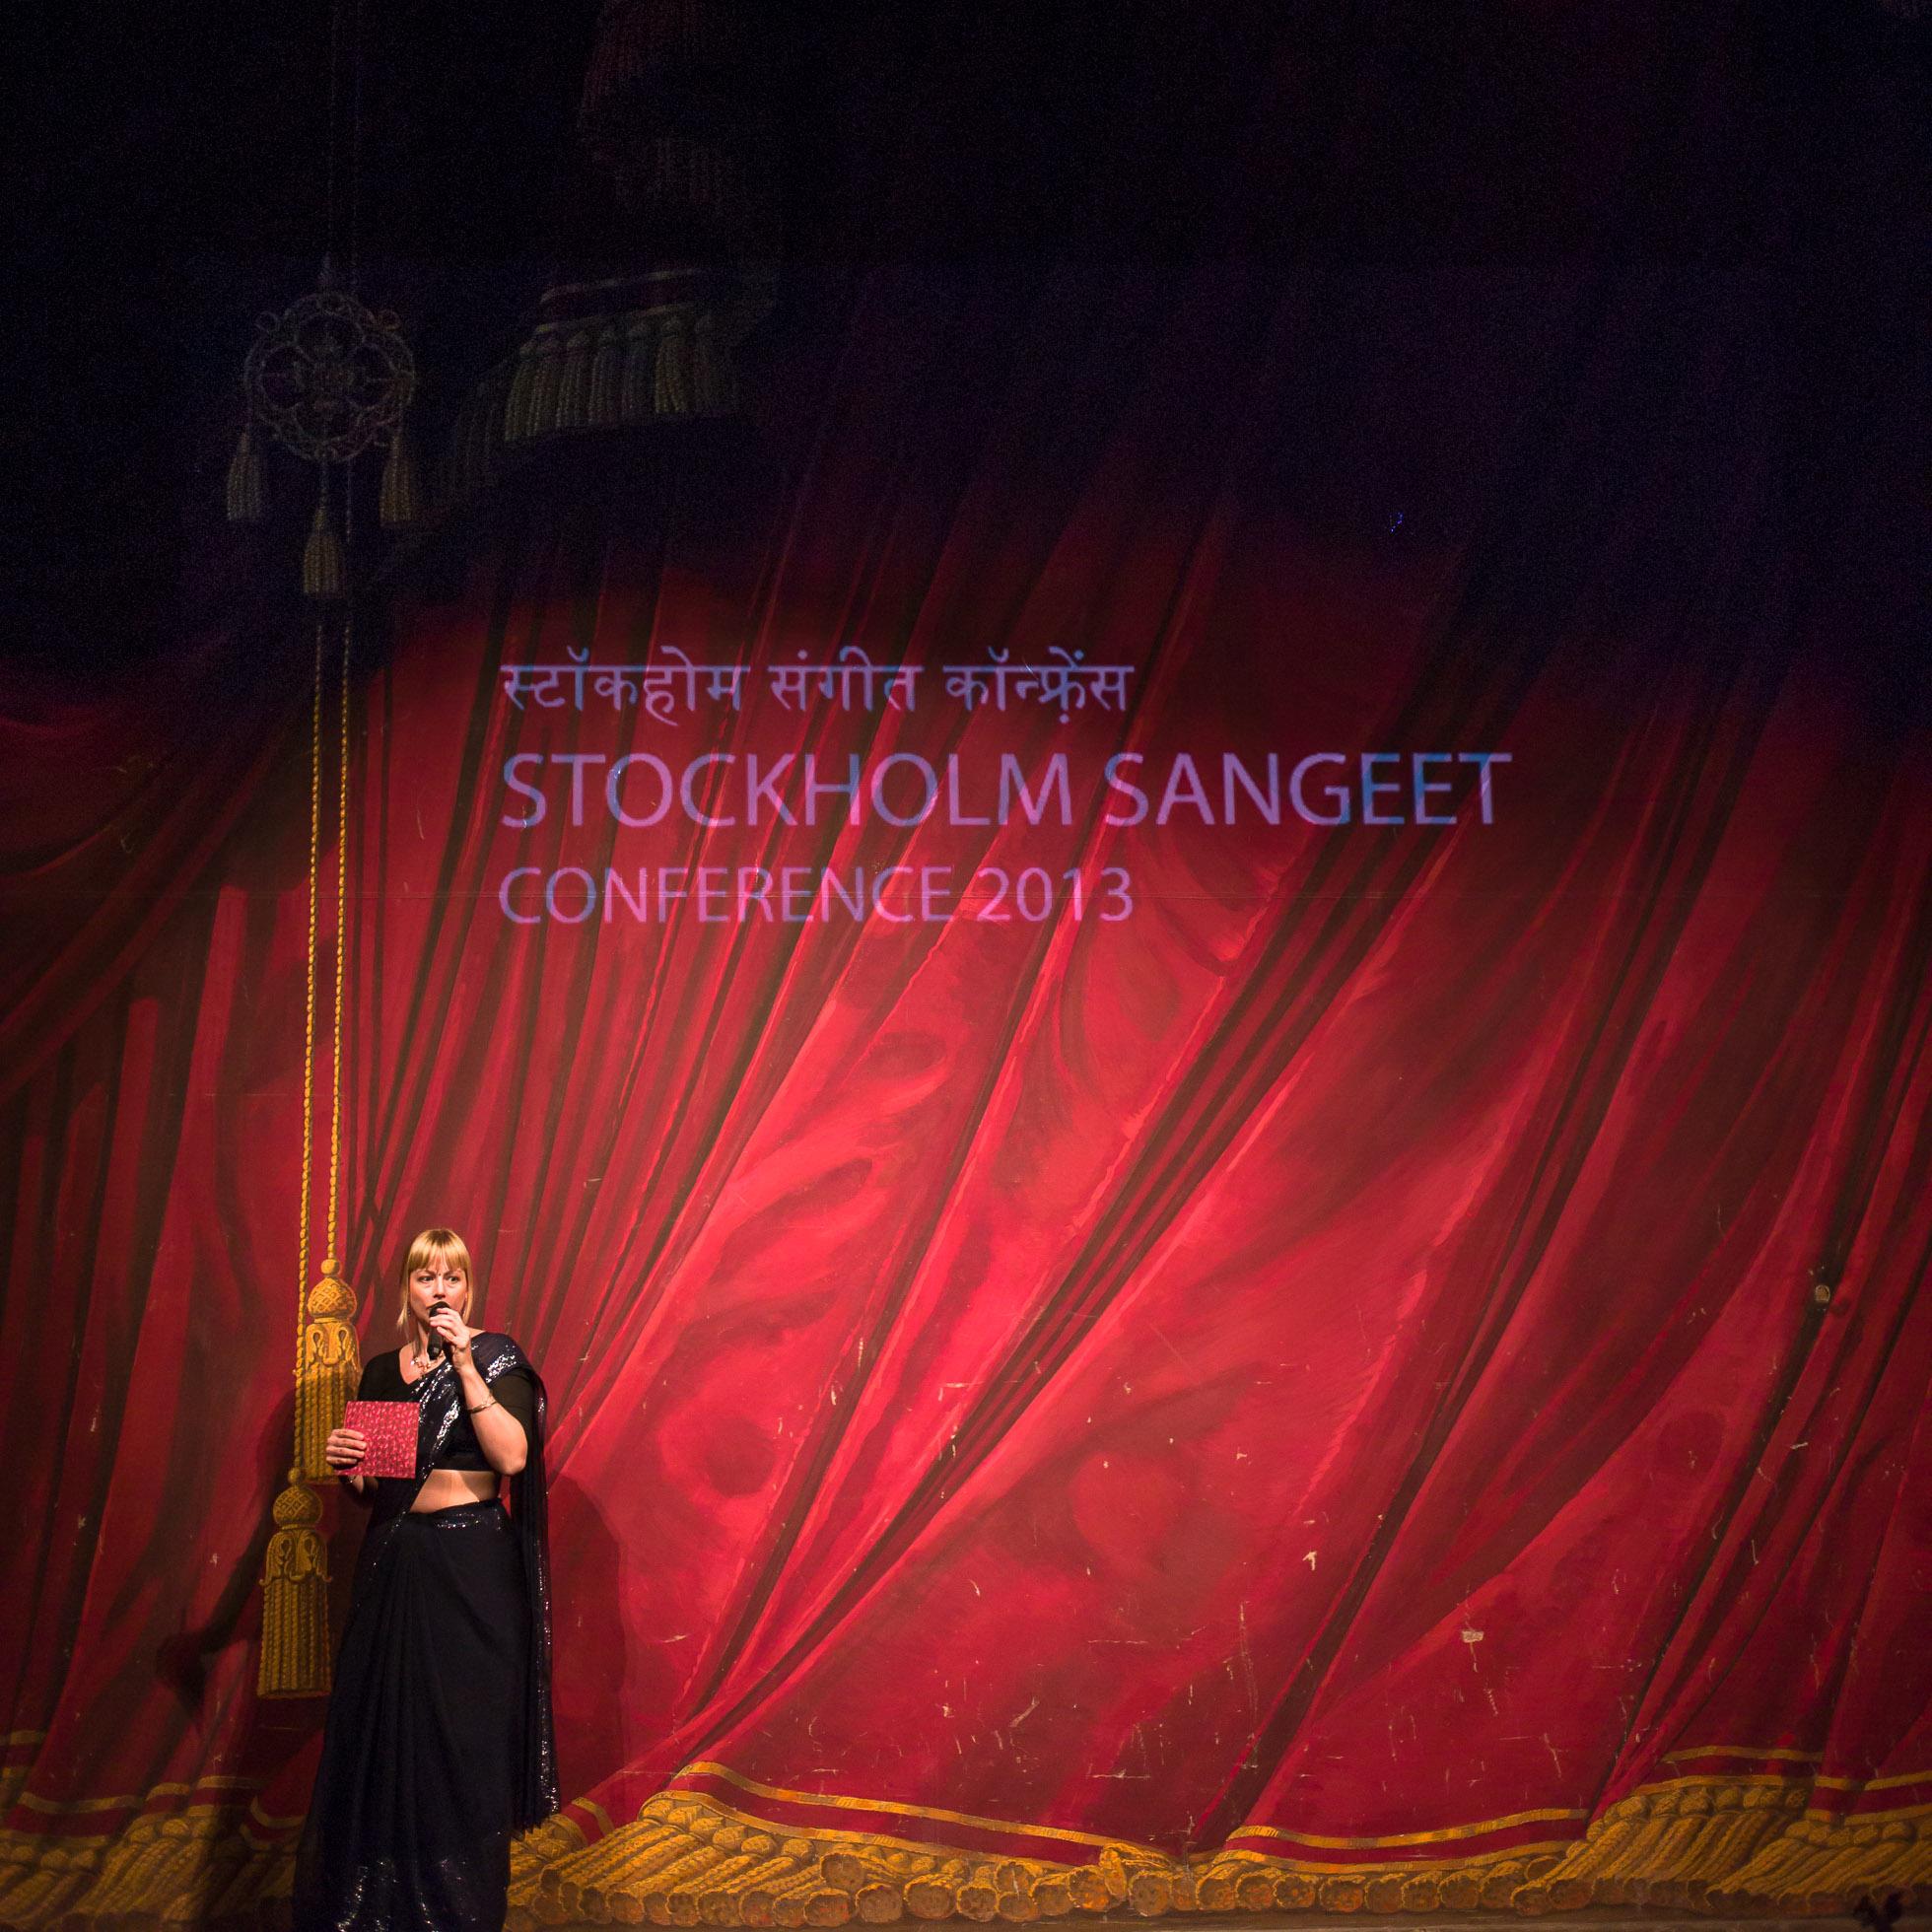 2013-09-29-dhrupad-koncert_2013-09-29_max-dahlstrand_0001-0065